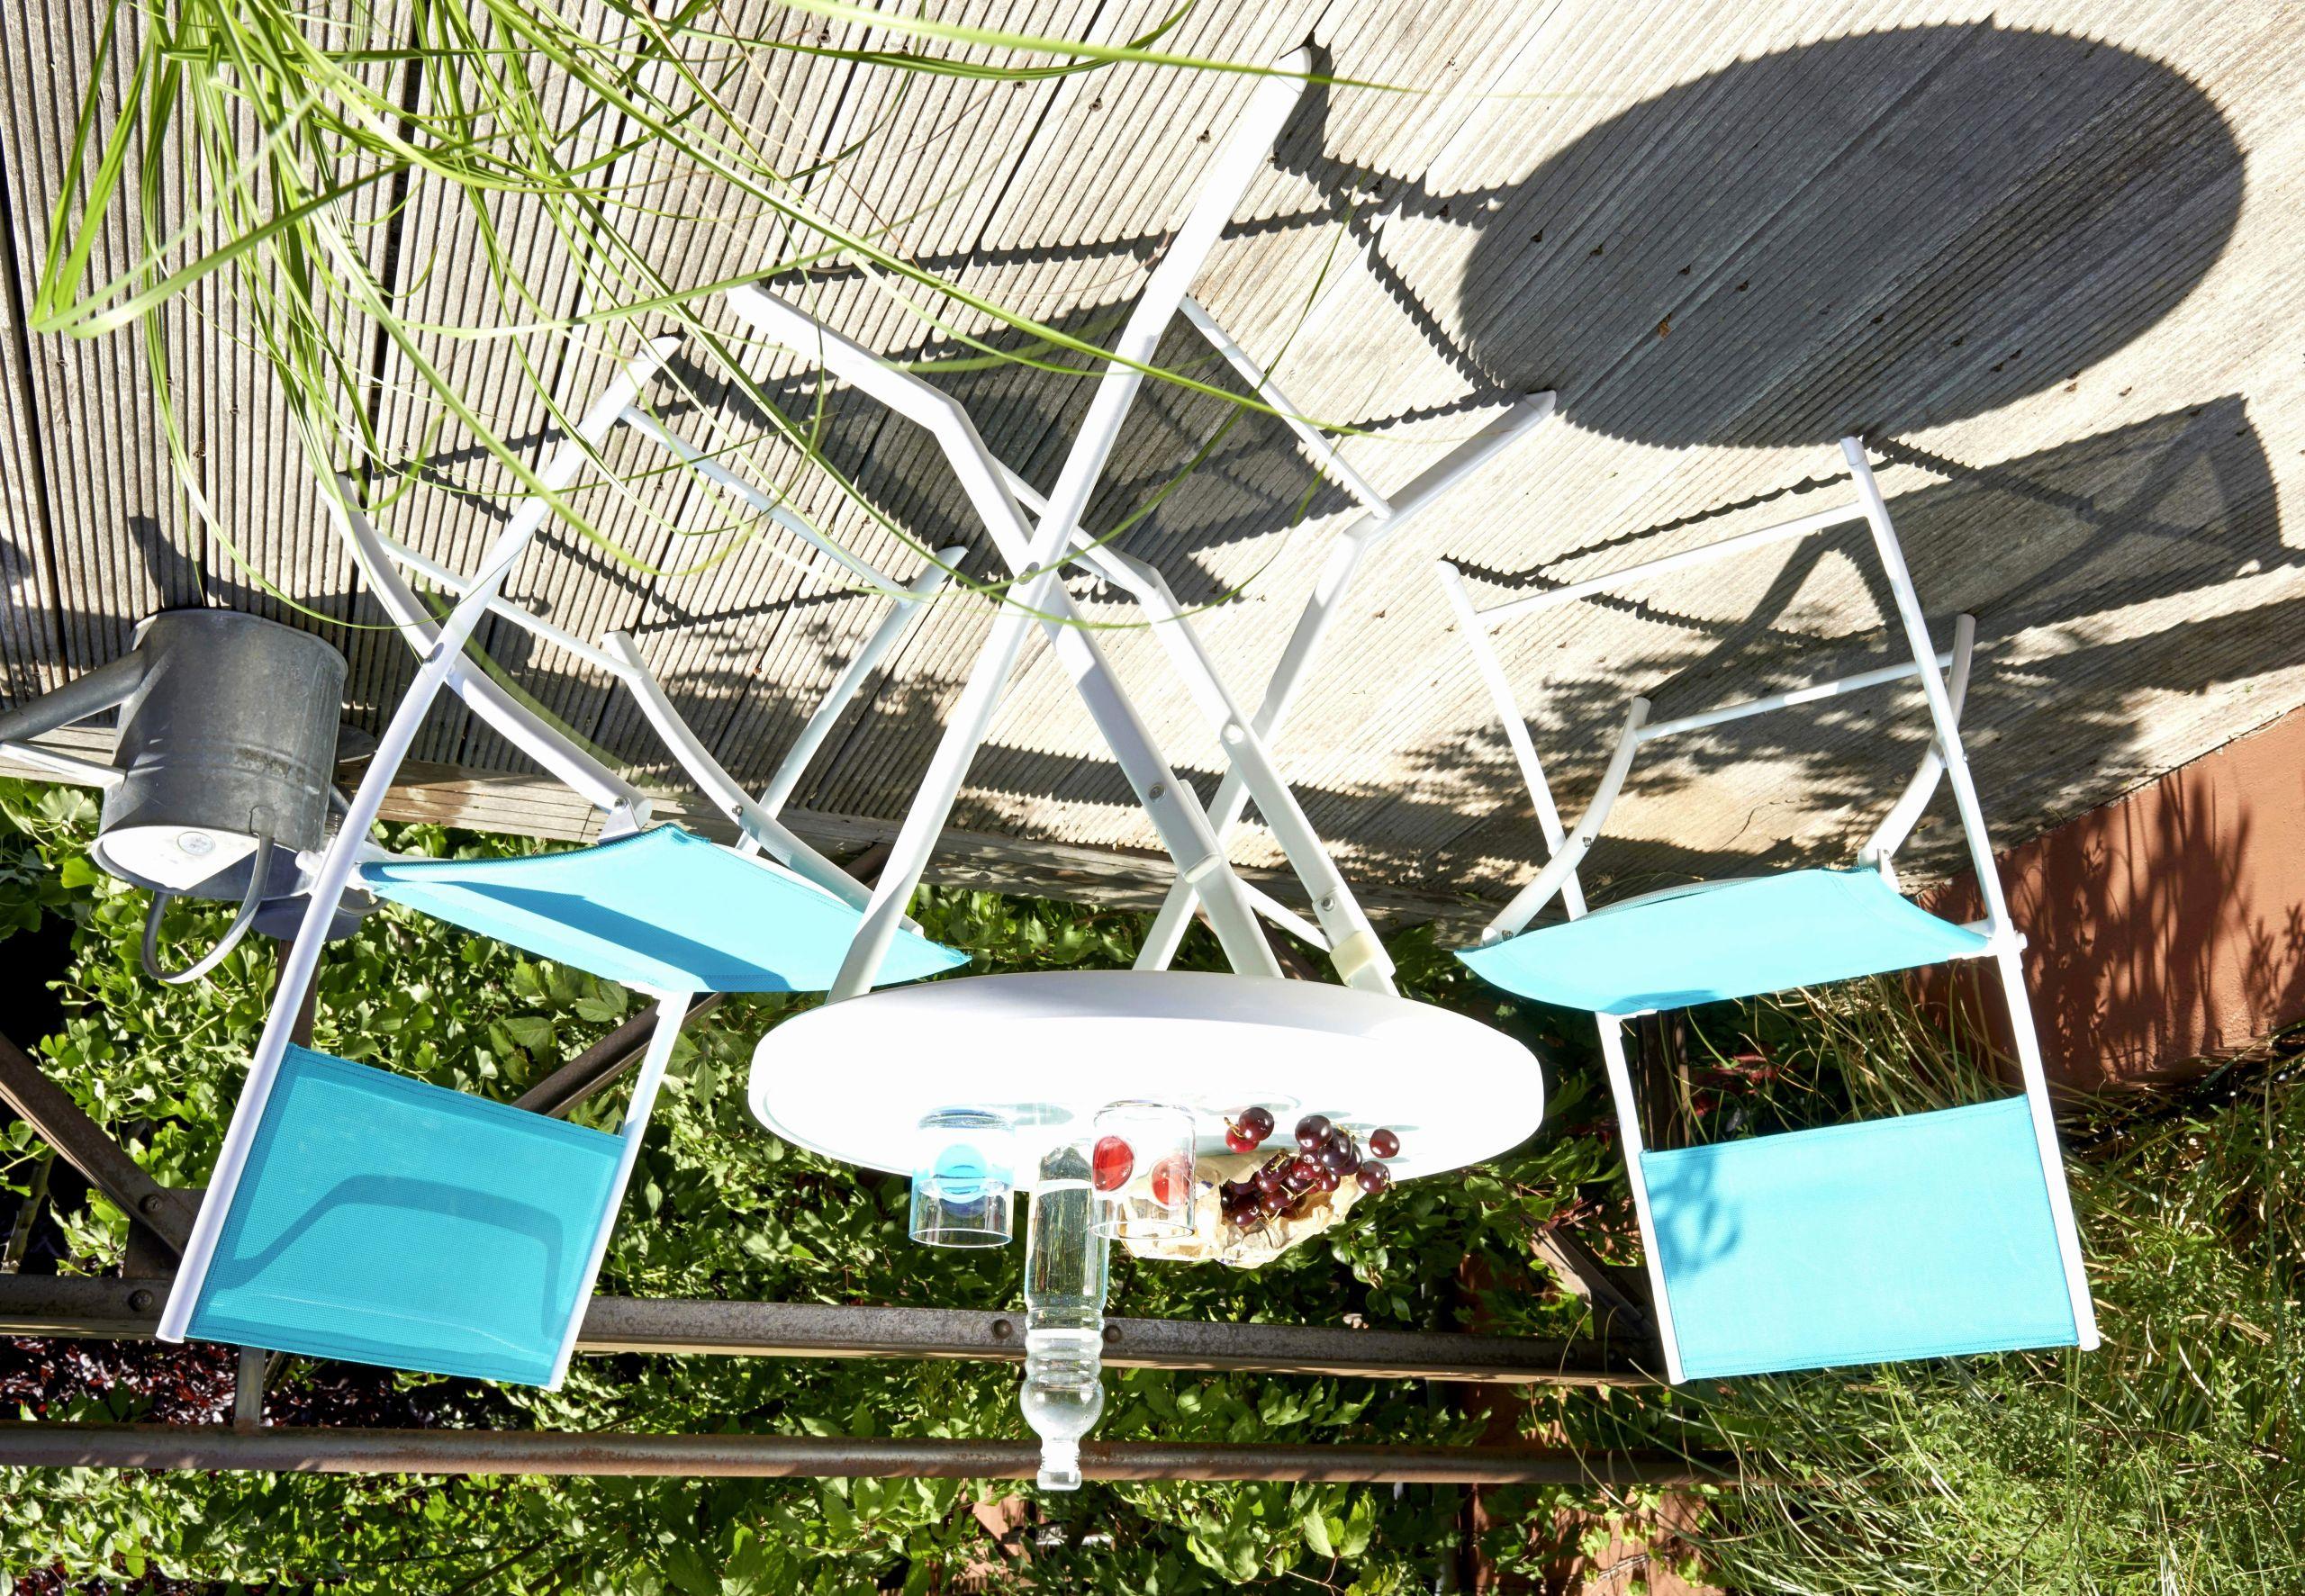 38 Luxe Mobilier Jardin Castorama | Salon Jardin pour Fontaine Castorama